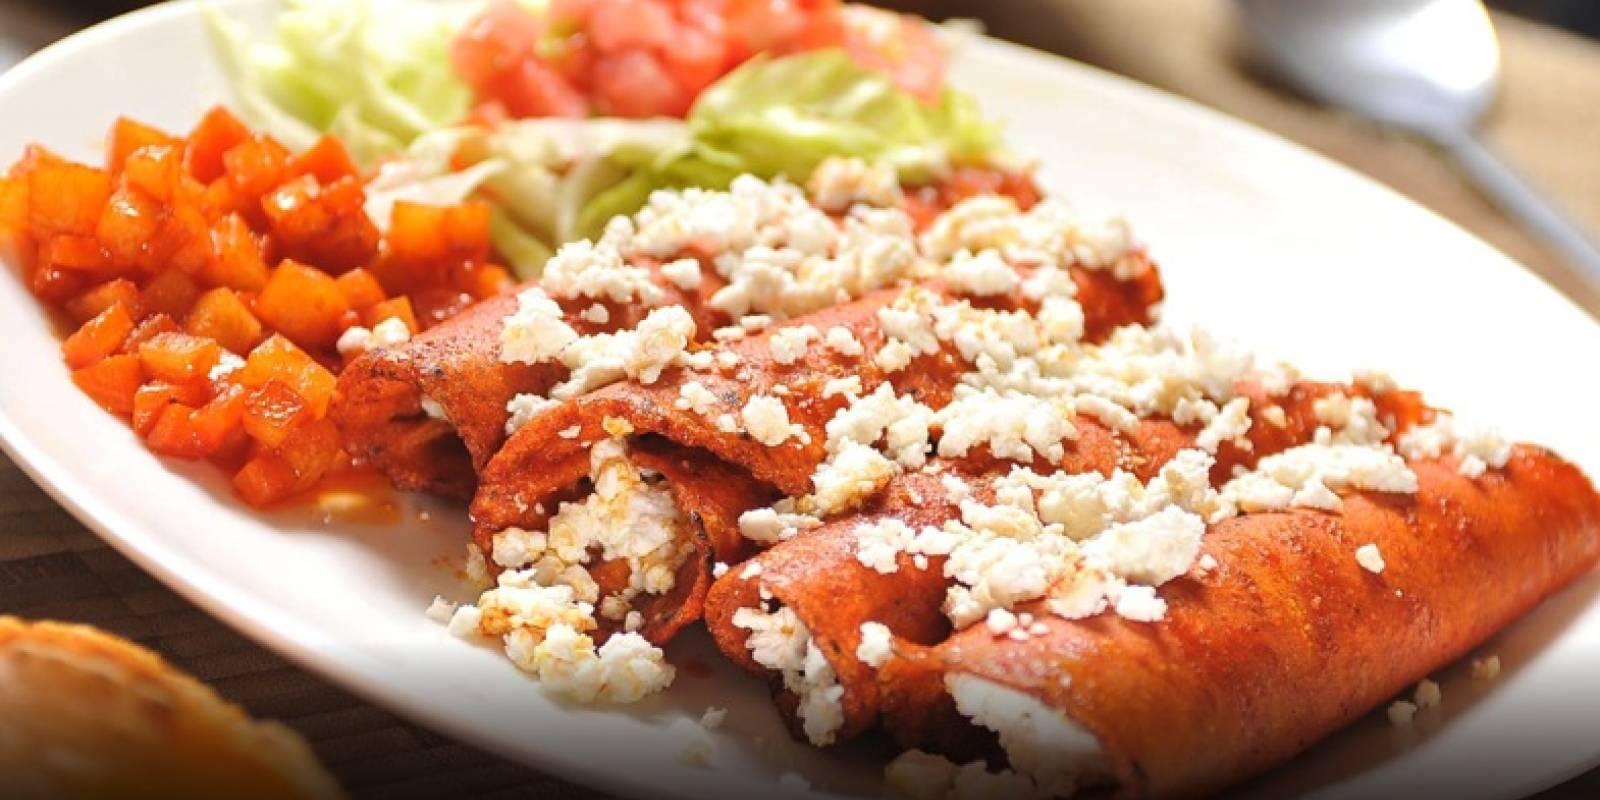 Comida mexicana la mejor y m s variada del mundo - Las mejores baterias de cocina del mundo ...